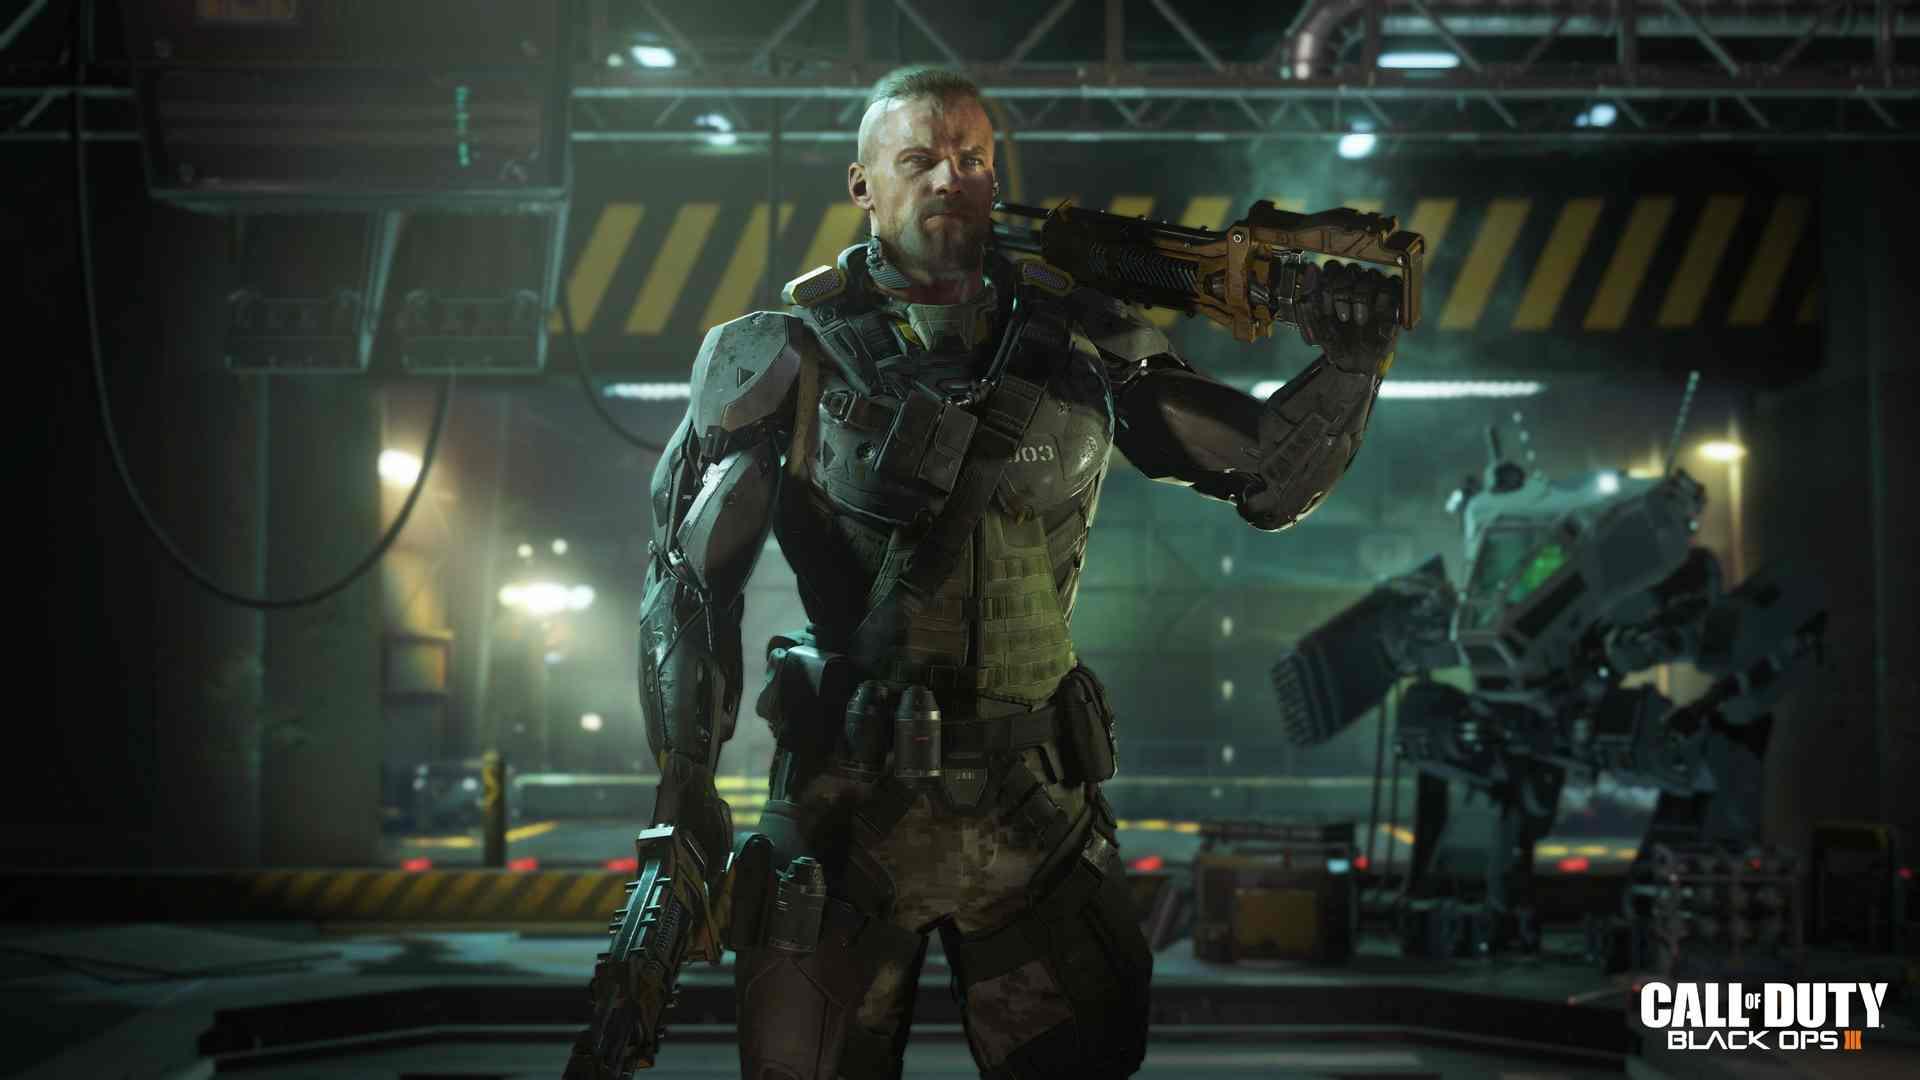 Sony firma una exclusividad con Activision para los DLCs de Call of Duty